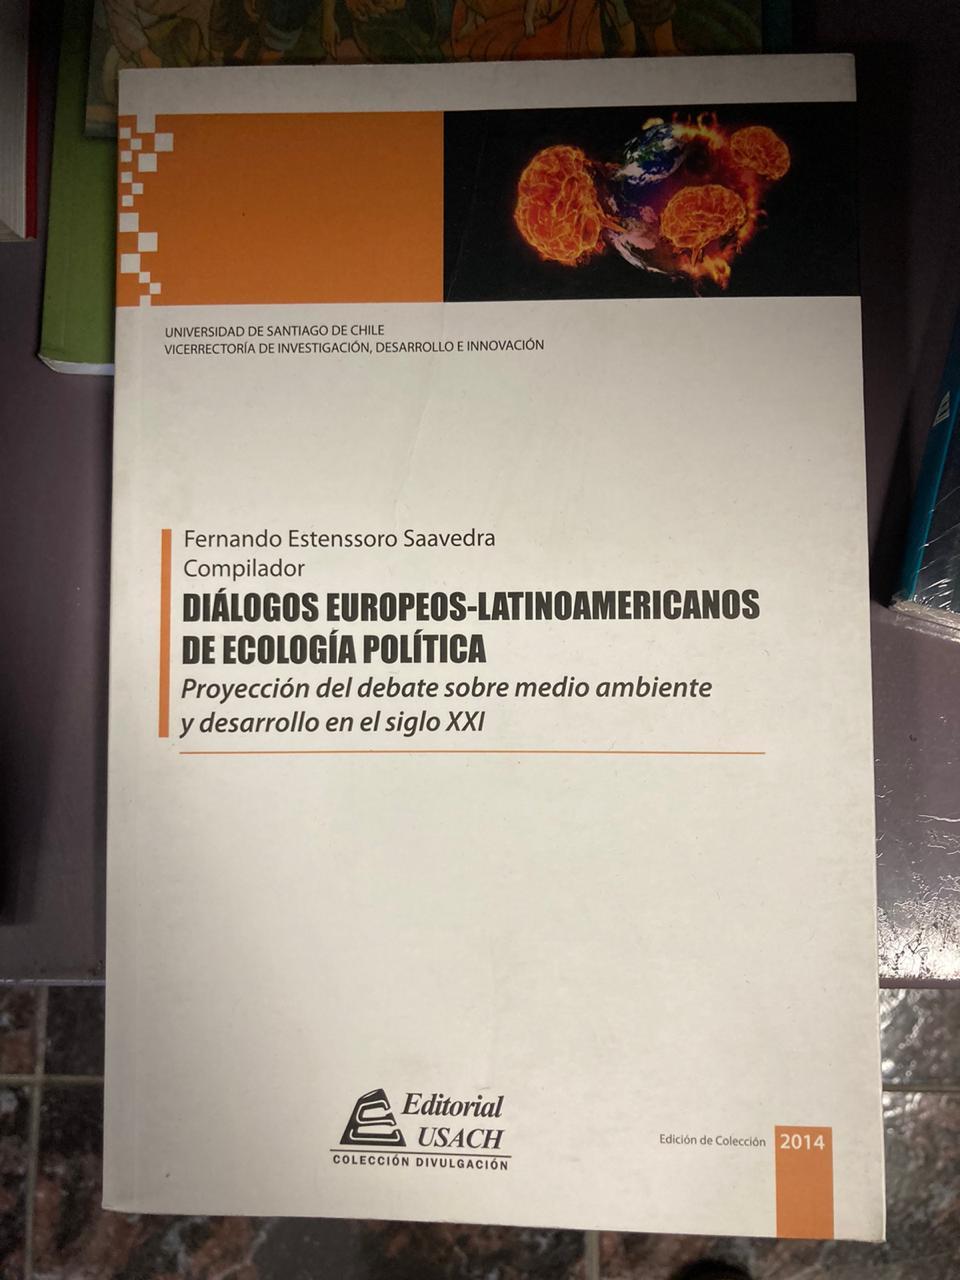 Diálogos europeos-latinoamericanos de ecología política